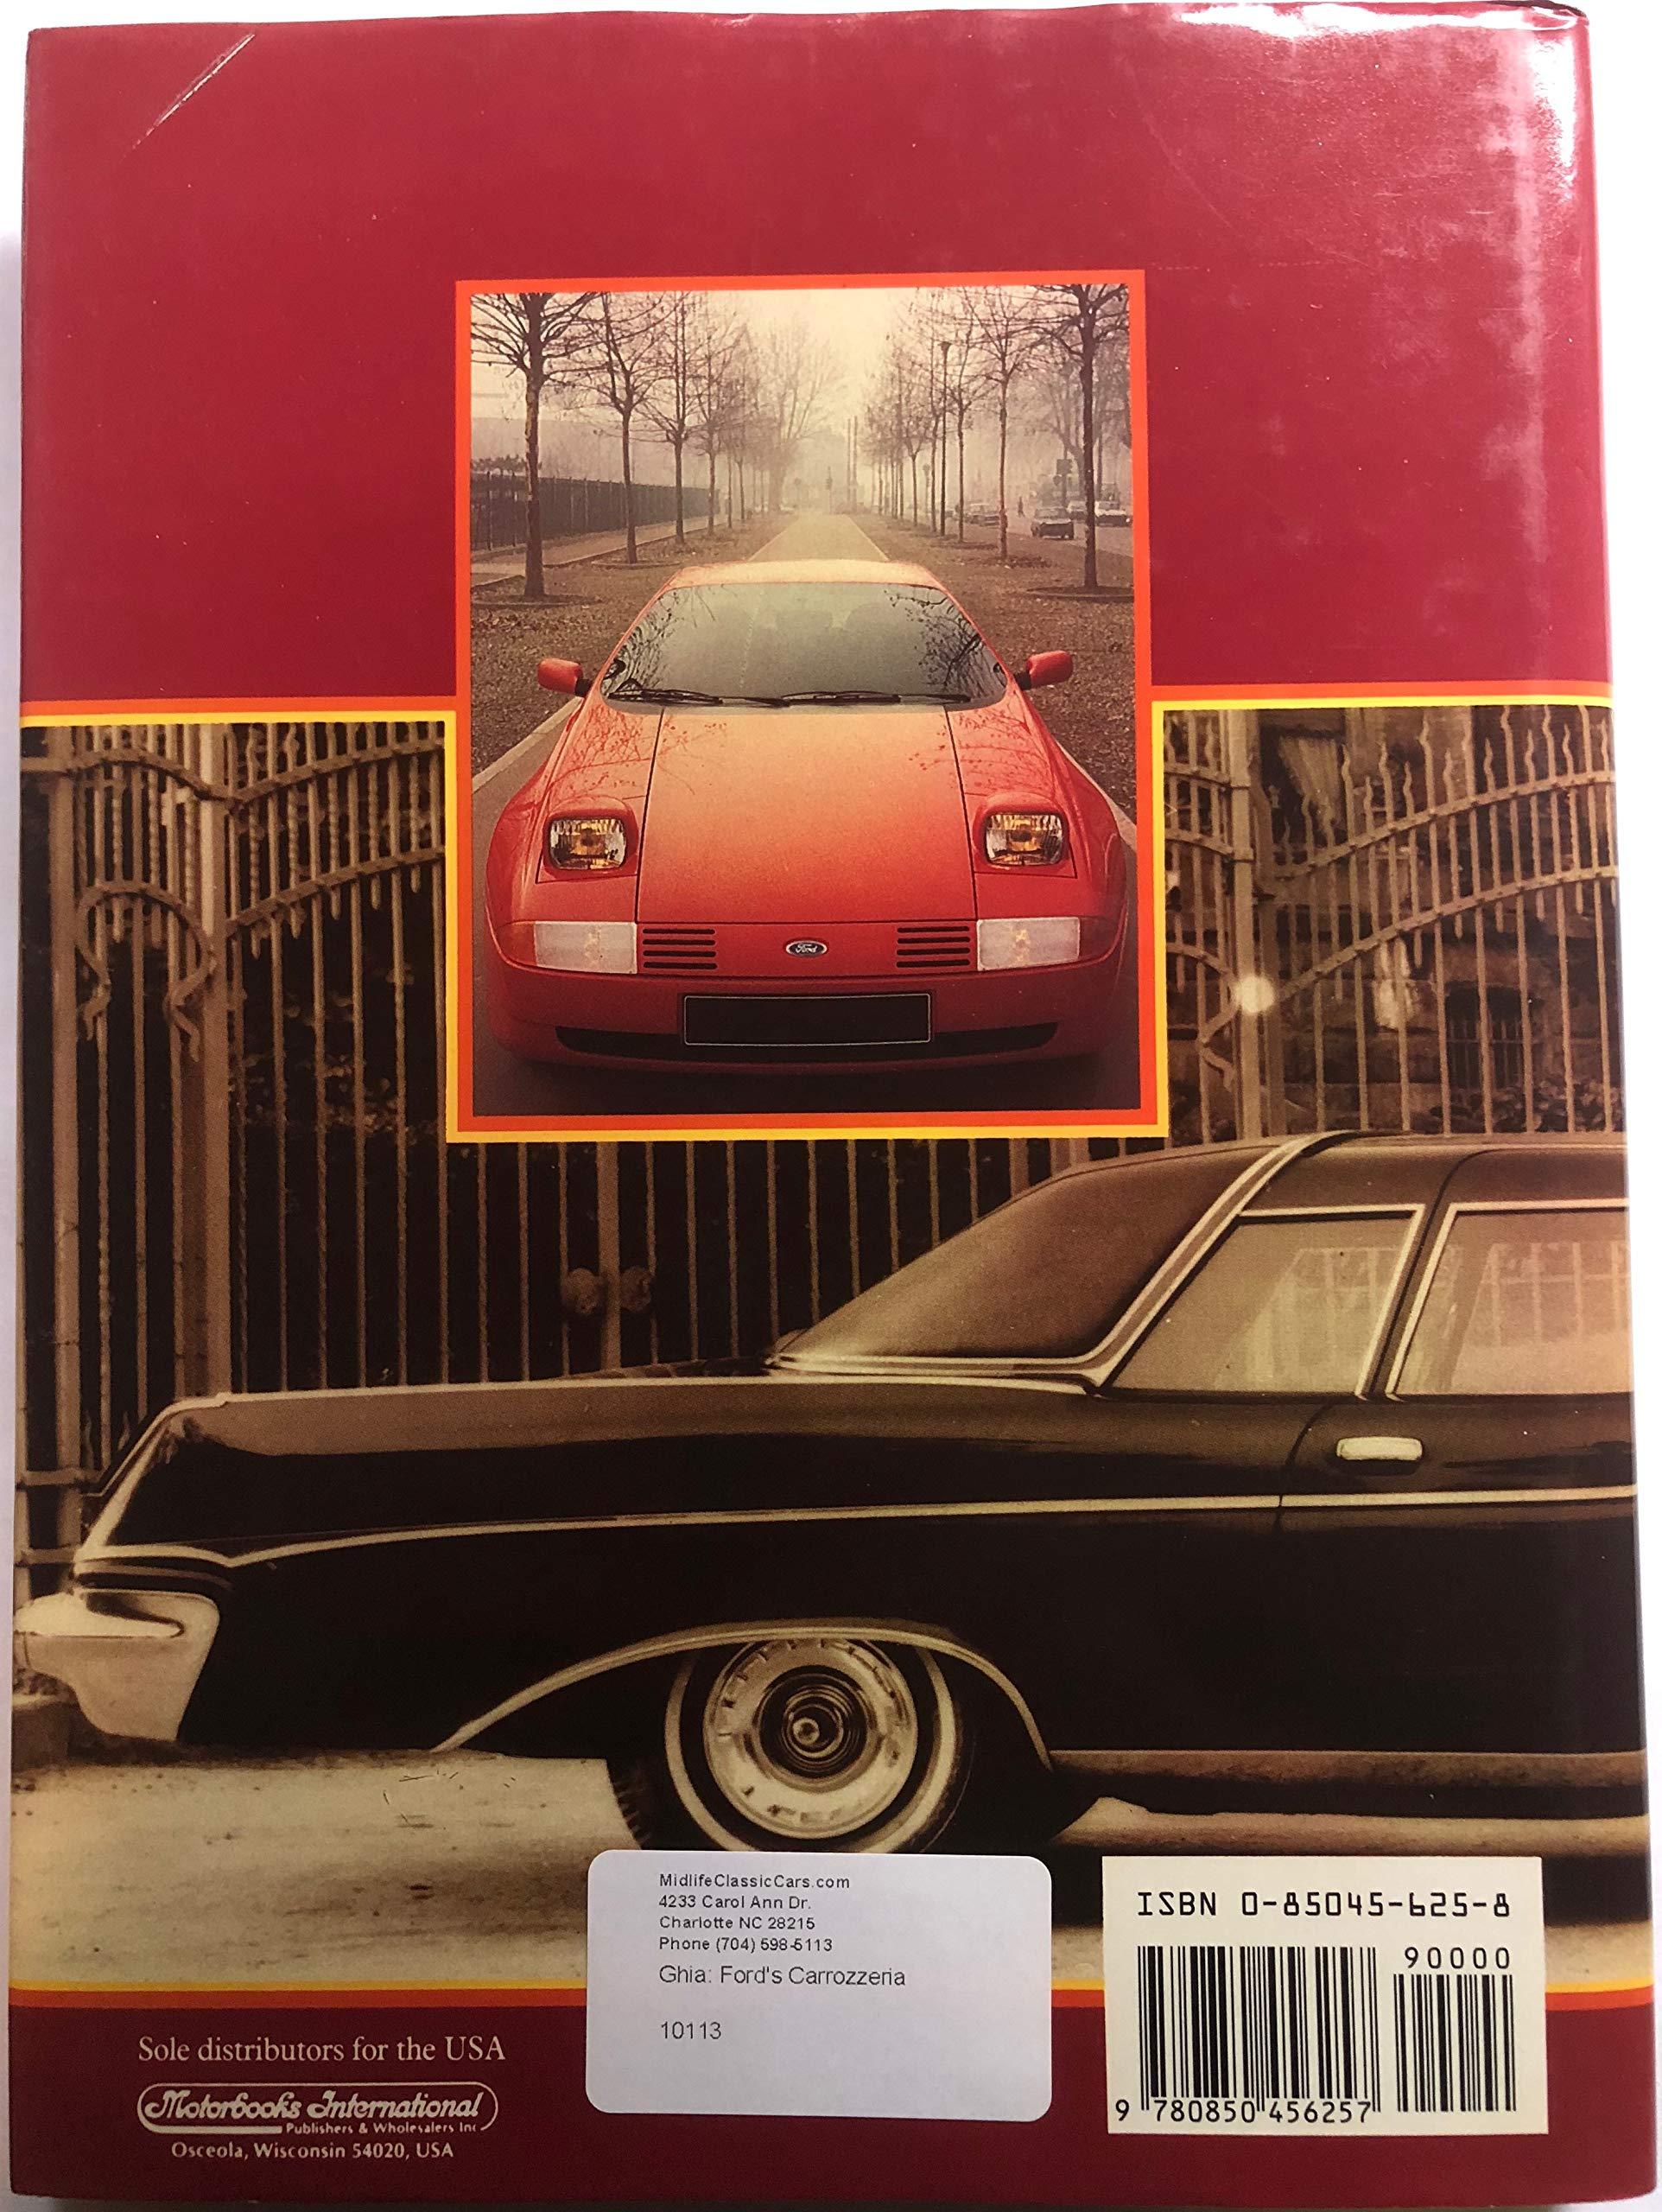 Wolfgo Parabrezza Tergicristallo-Car Rear Tergicristallo Braccio /& Set Lama for Ford Fiesta MK6 MK7 ST150 02-08